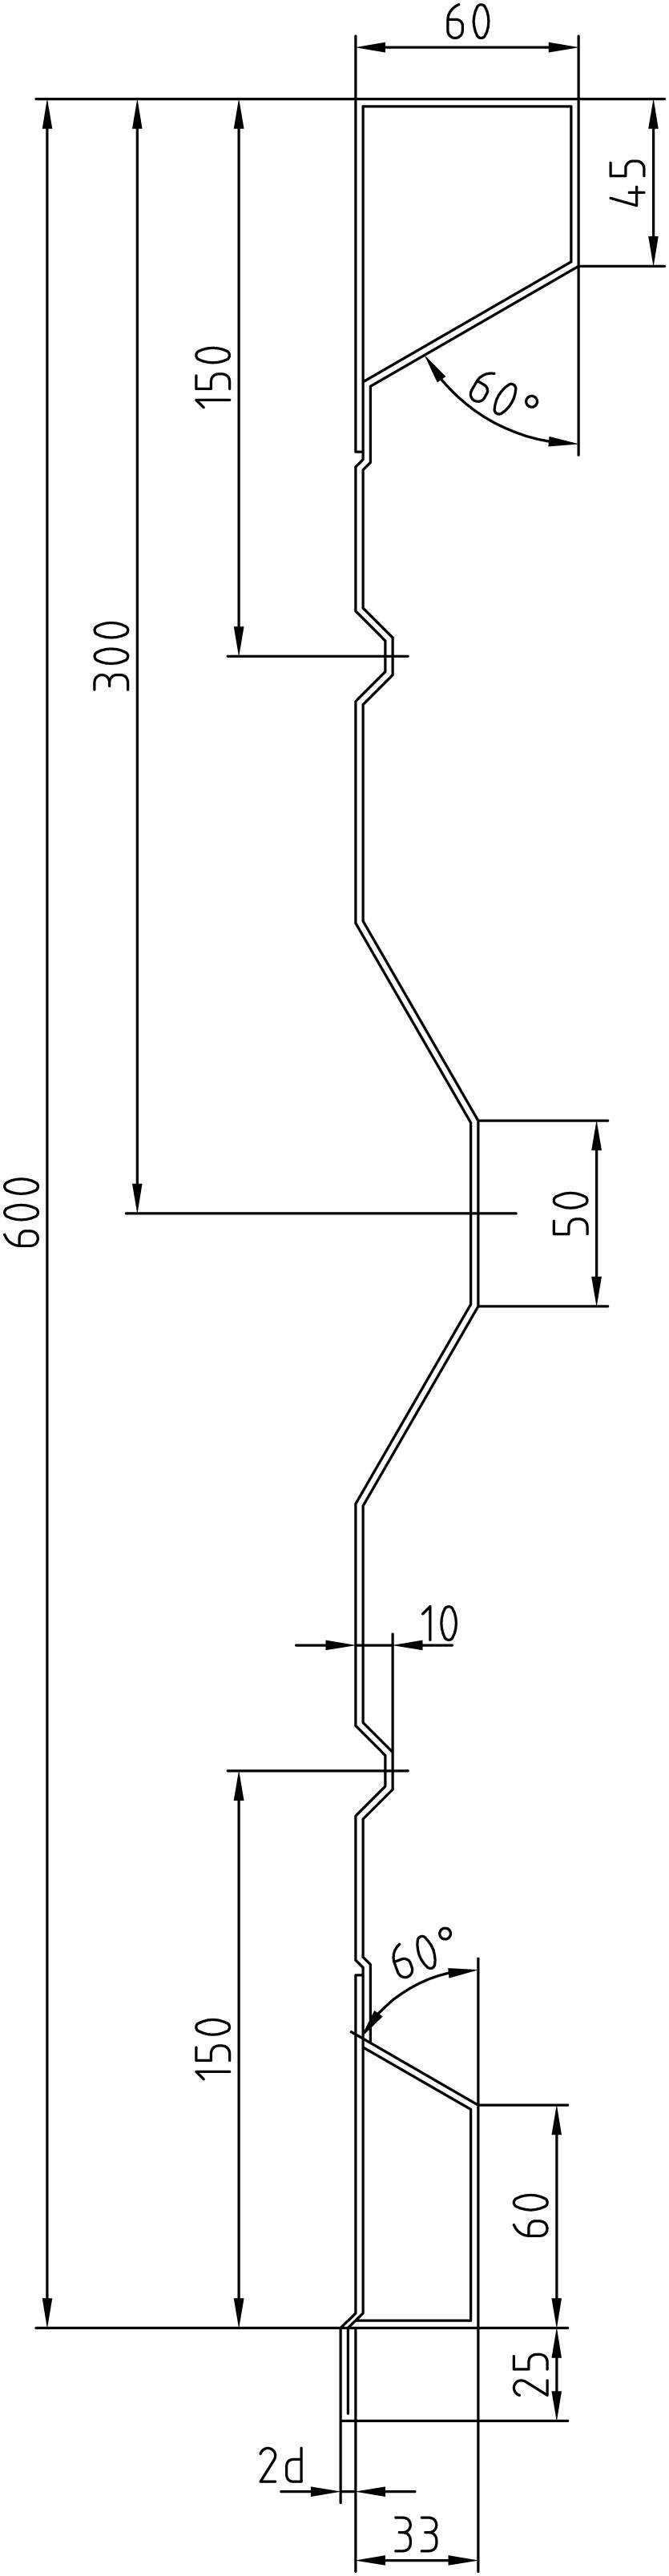 Brantner Kipper und Anhänger - 600x2x5015 AW samt EL o. BW- Verb. ohne PW- Bolzen